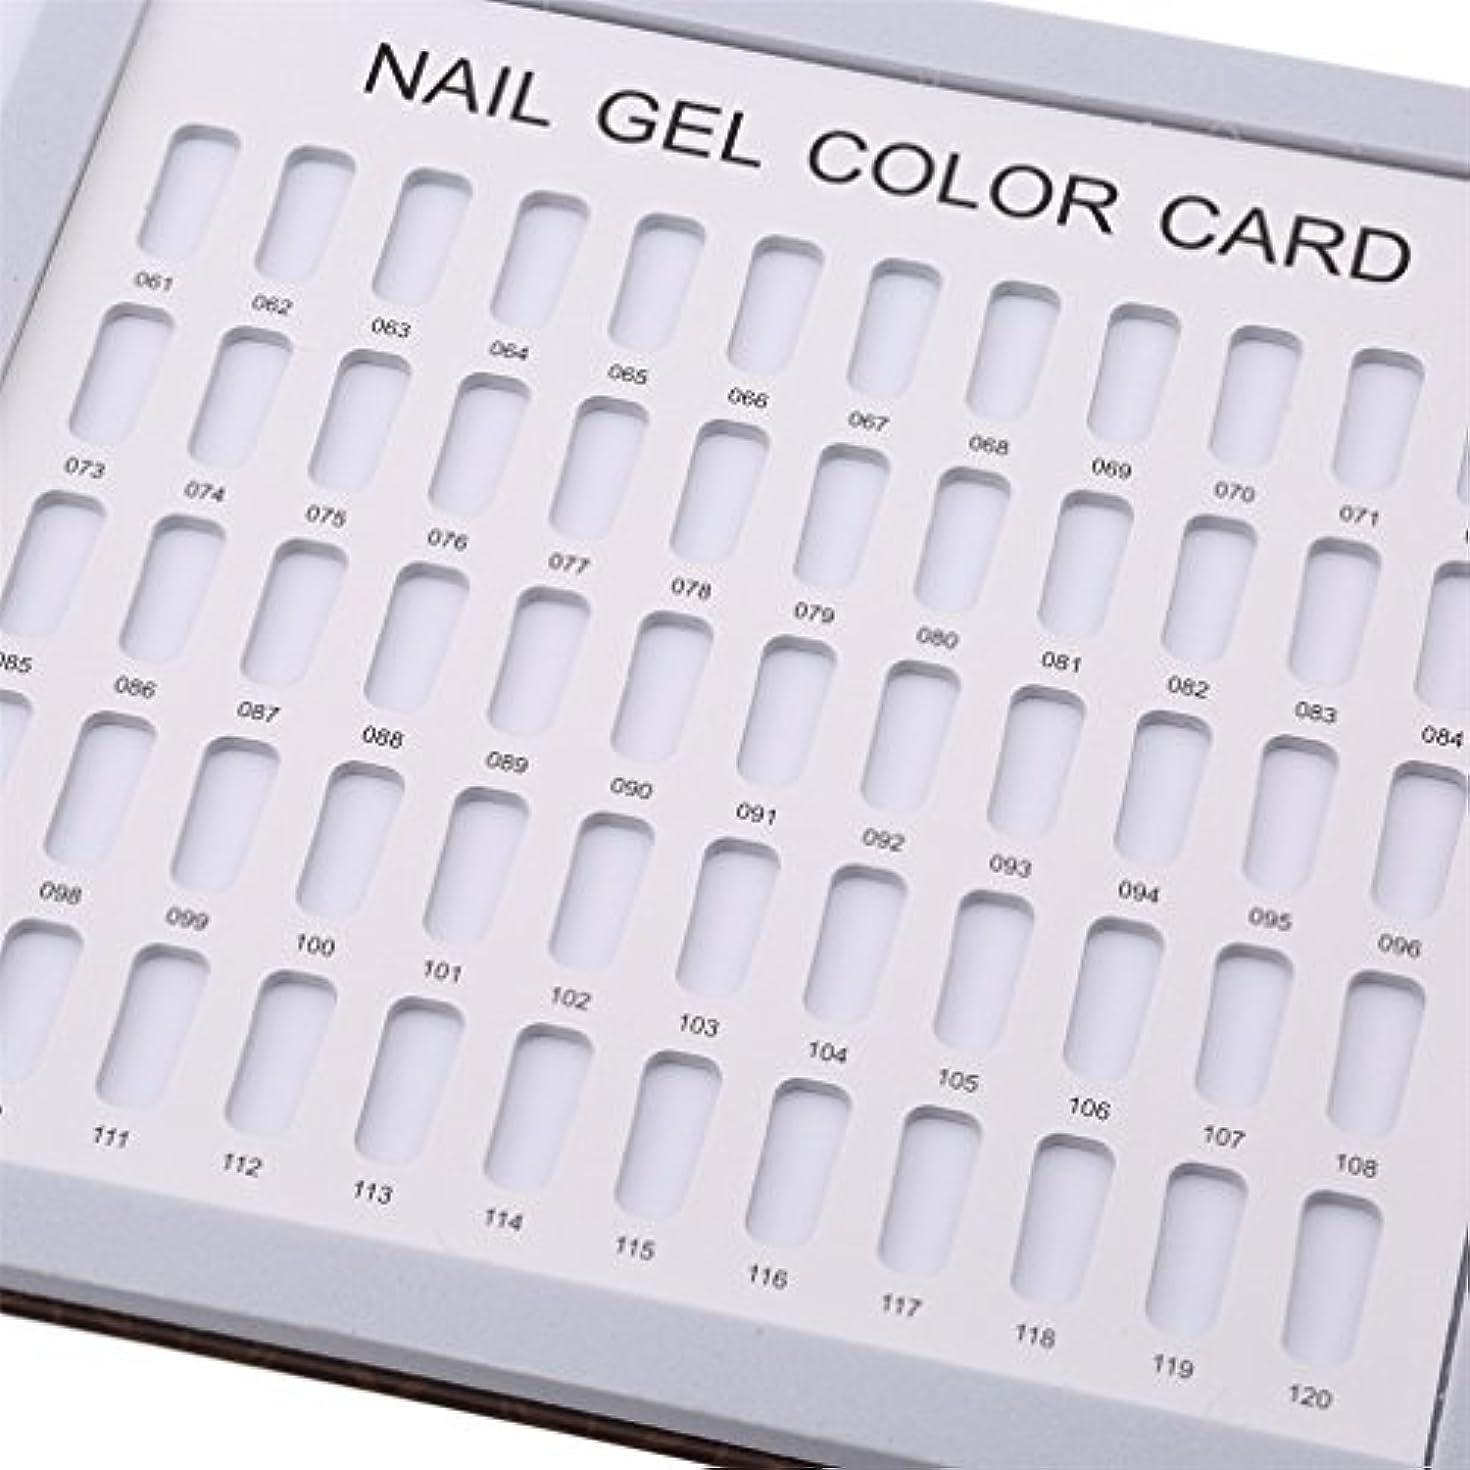 印刷するそれるすでにLJSLYJ 120色 シンプルでスタイリッシュ サンプル帳 カラーチャート ブック ネイルマニキュアカラー色見本 ネイルジェルカードボックス,コーヒーローズ模様